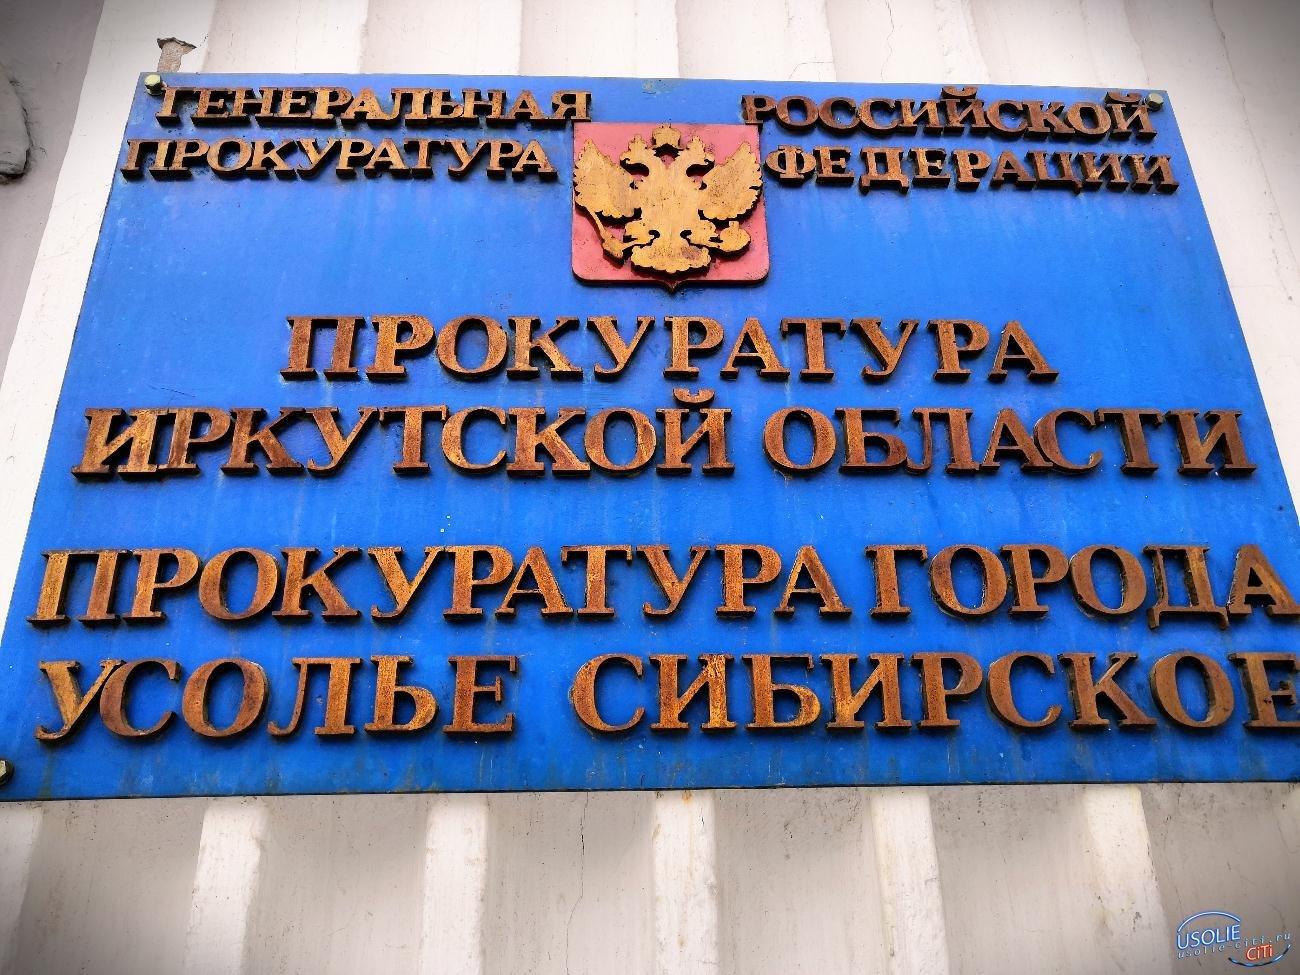 Прокуратура Усолья информирует